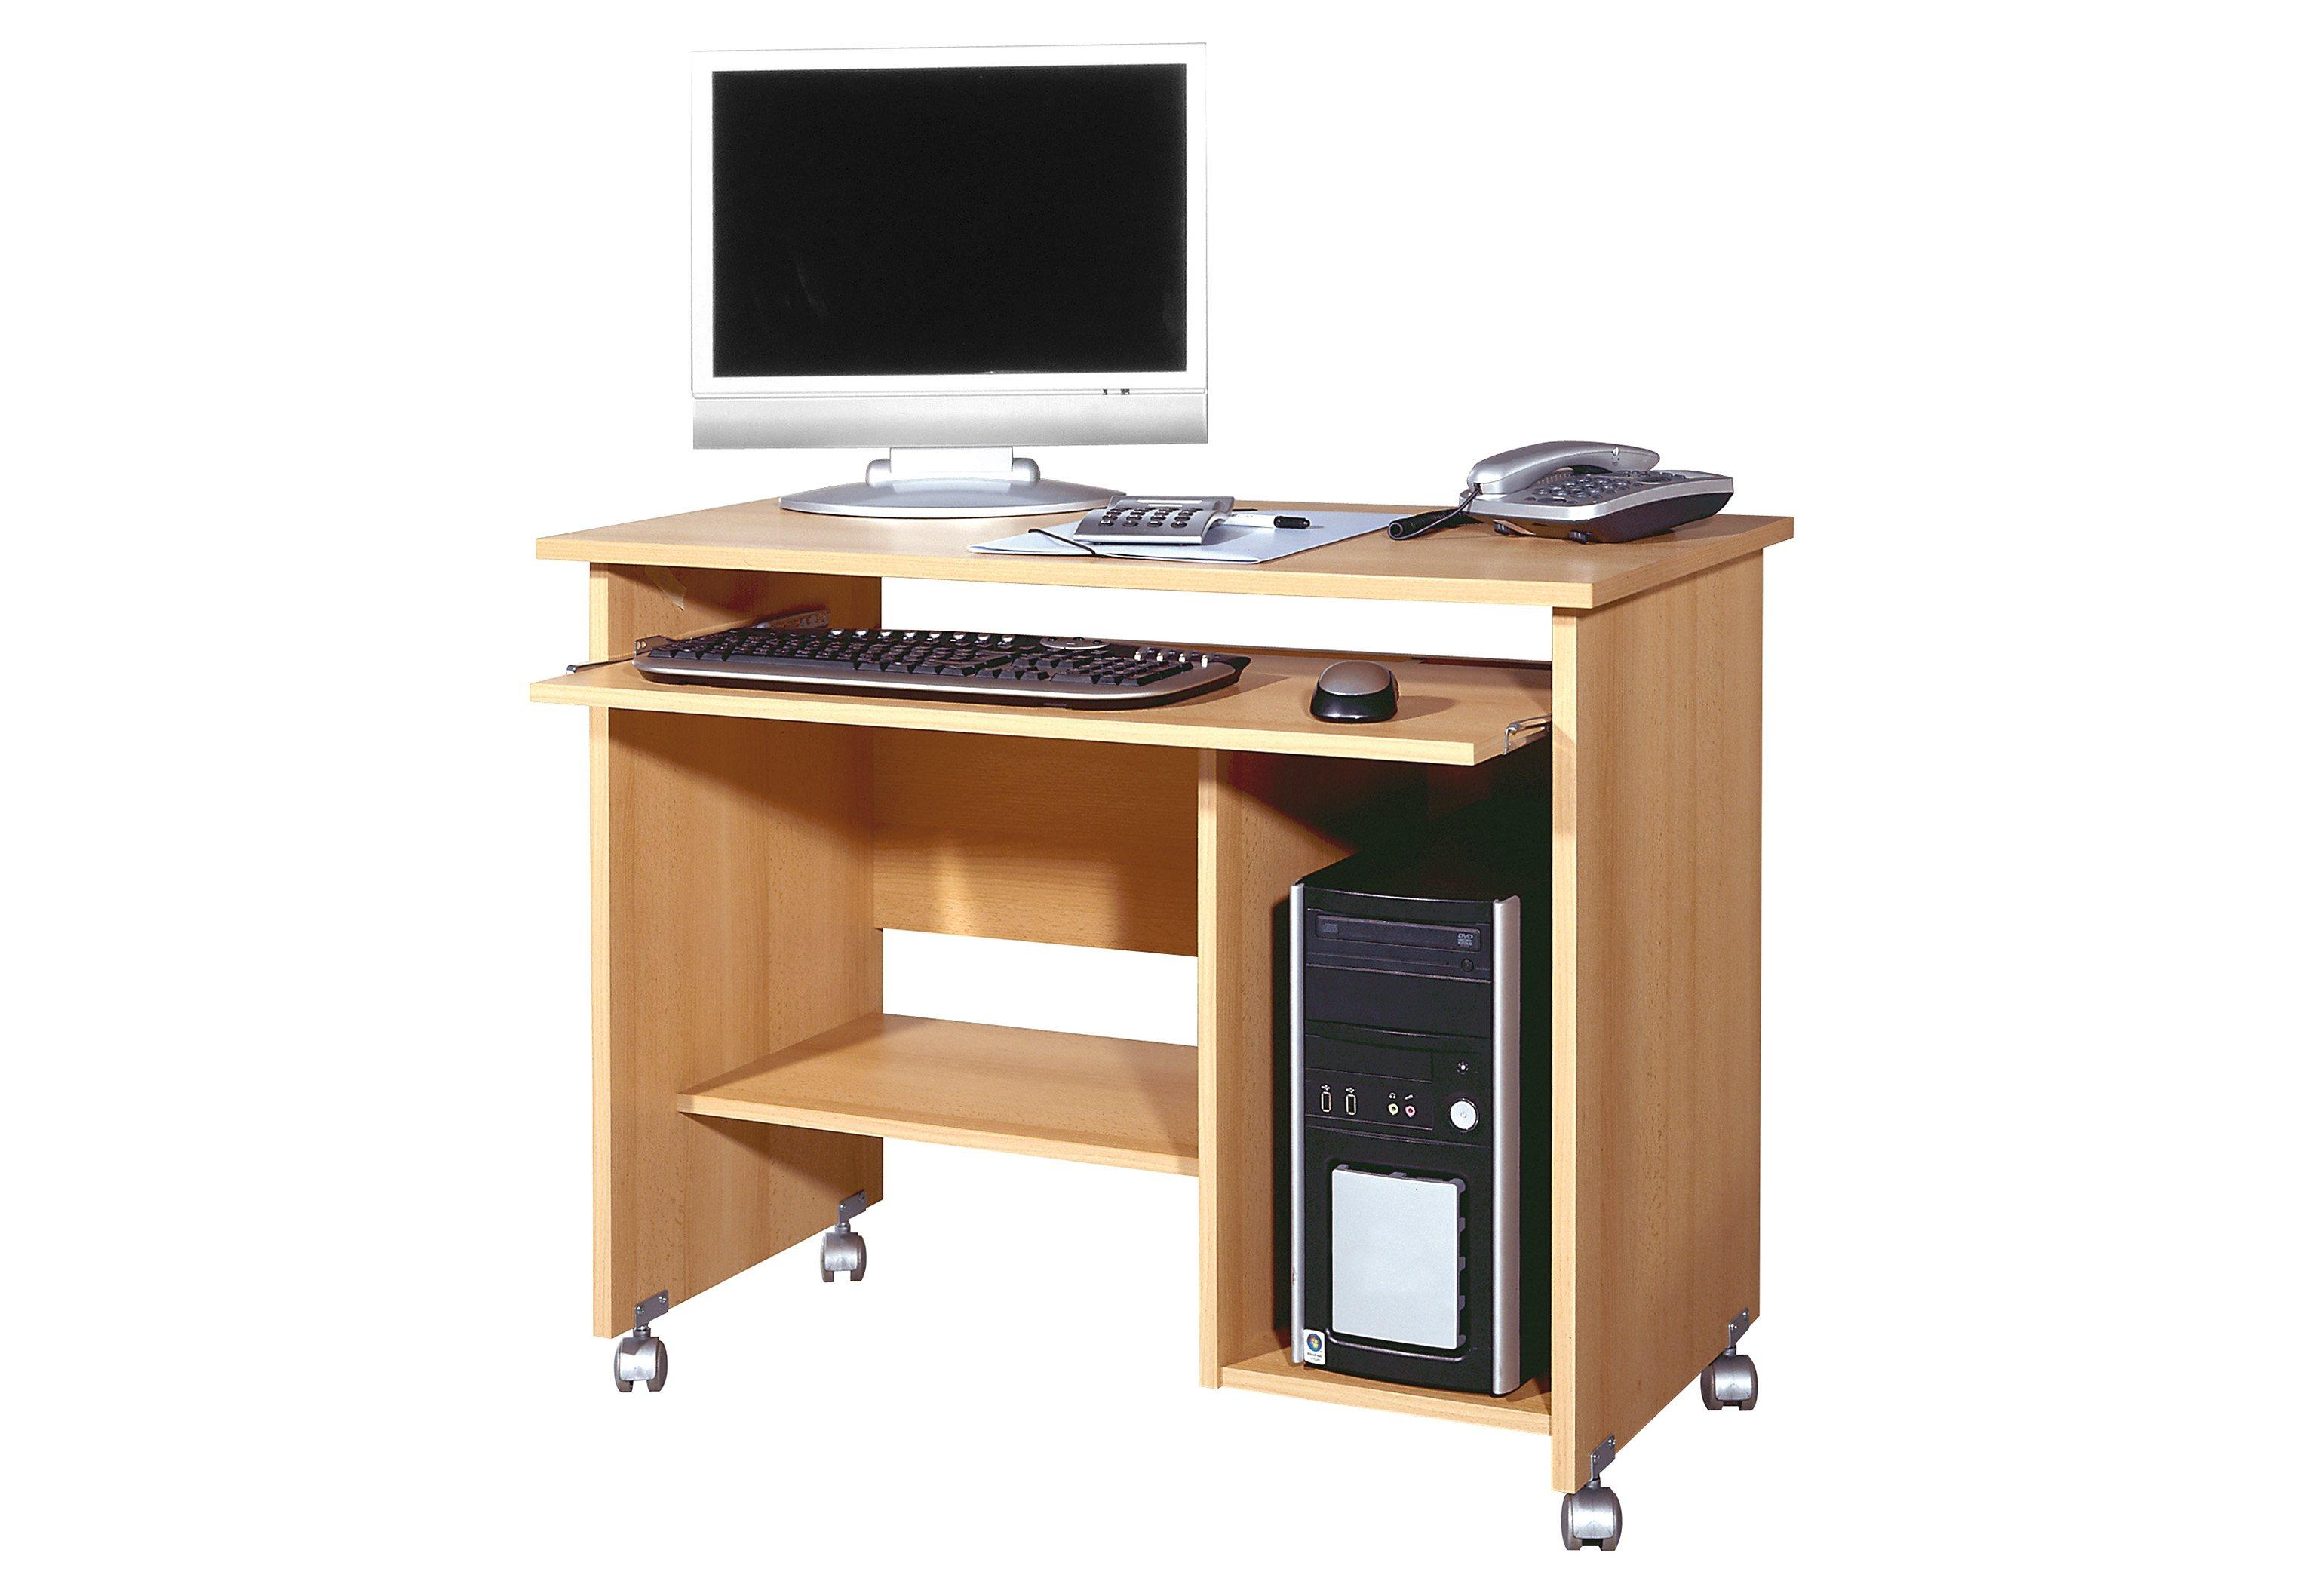 GERMANIA Computertisch mit Tastaturauszug und Druckerfach | Büro > Bürotische > Computertische | GERMANIA